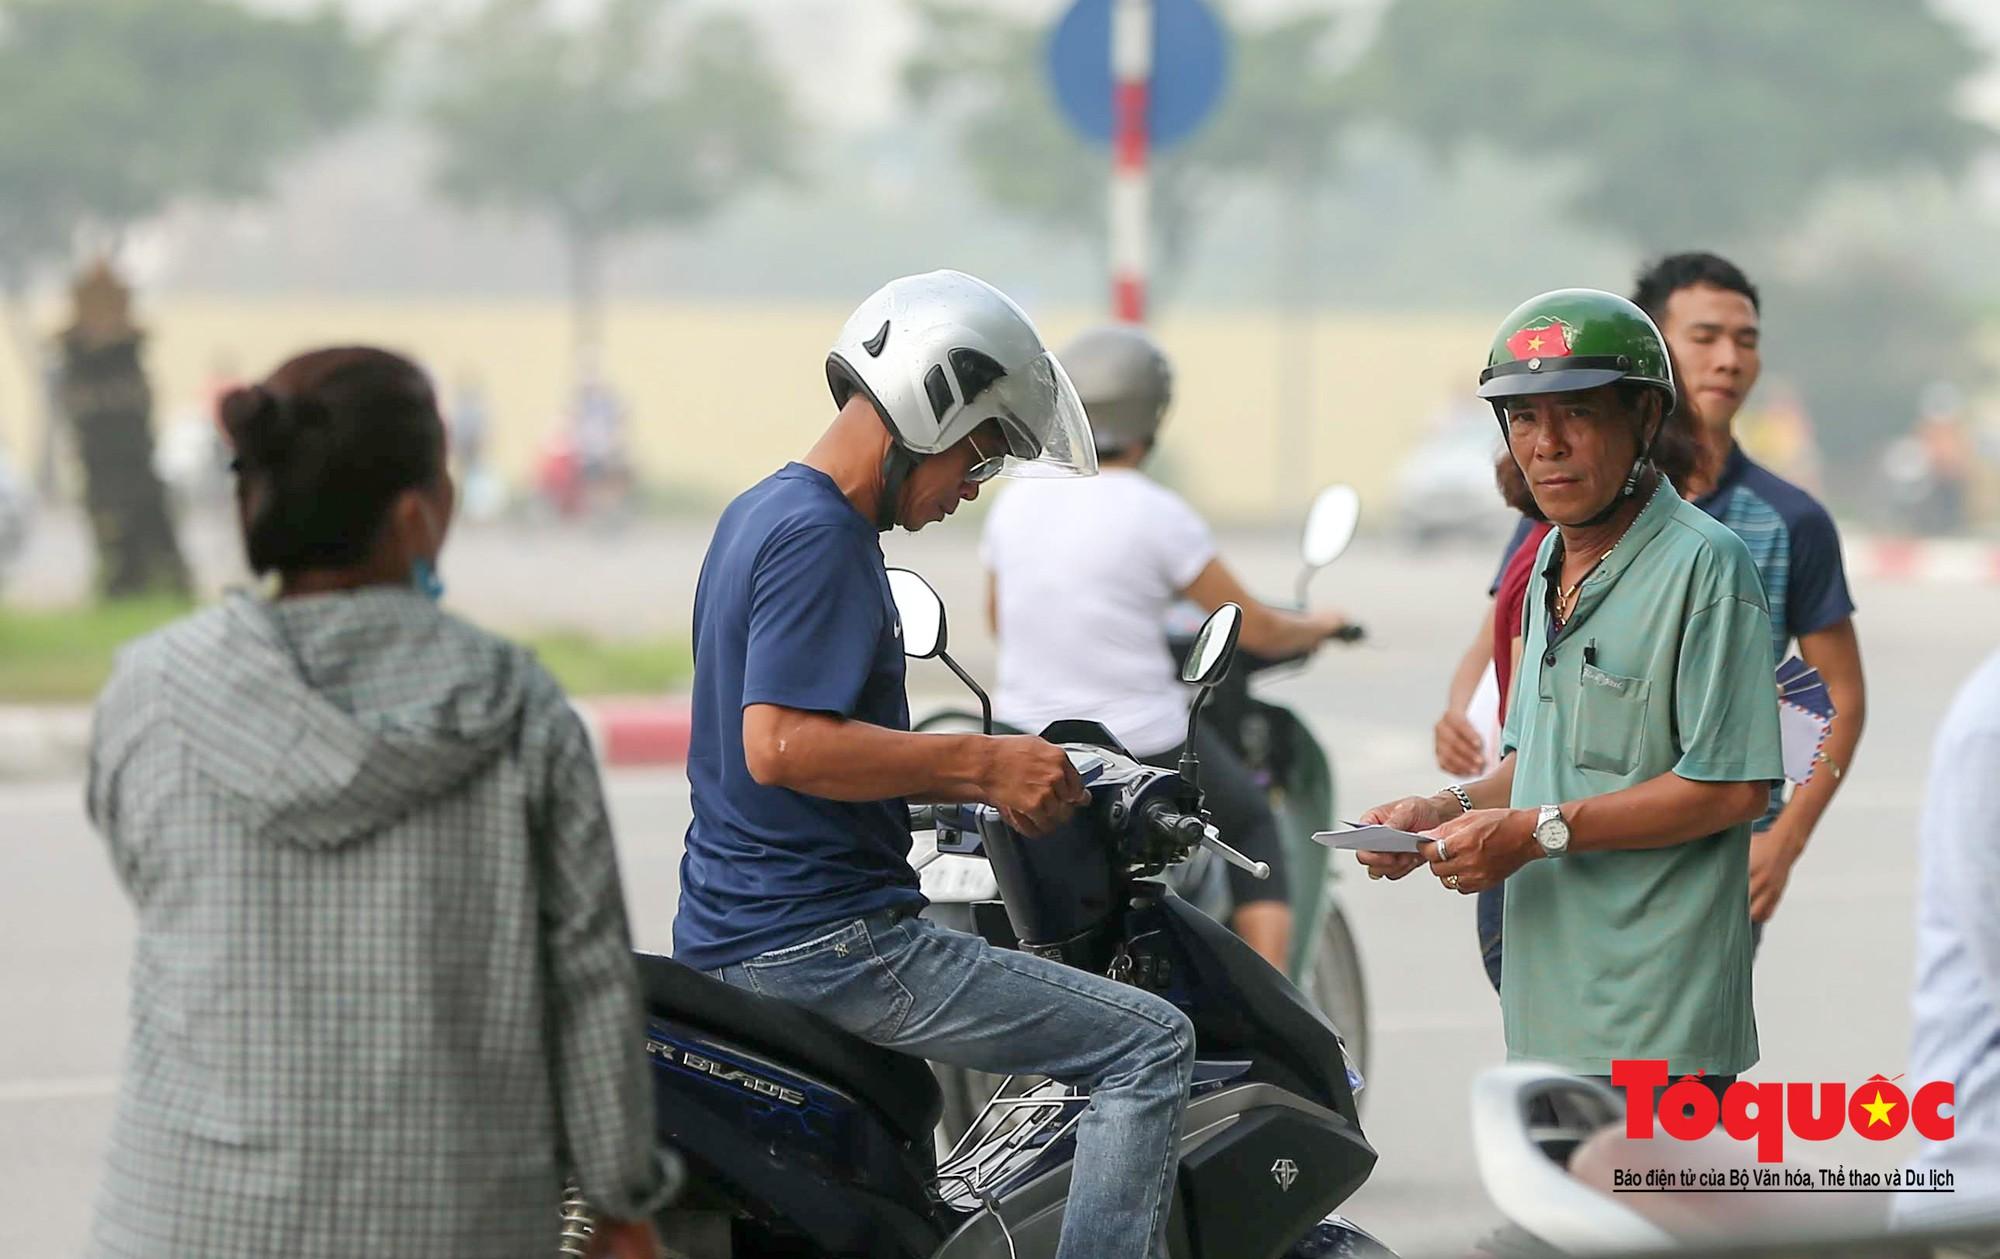 Vé trận Việt Nam - Malaysia: Giá vé chợ đen tung tăng nhảy múa2